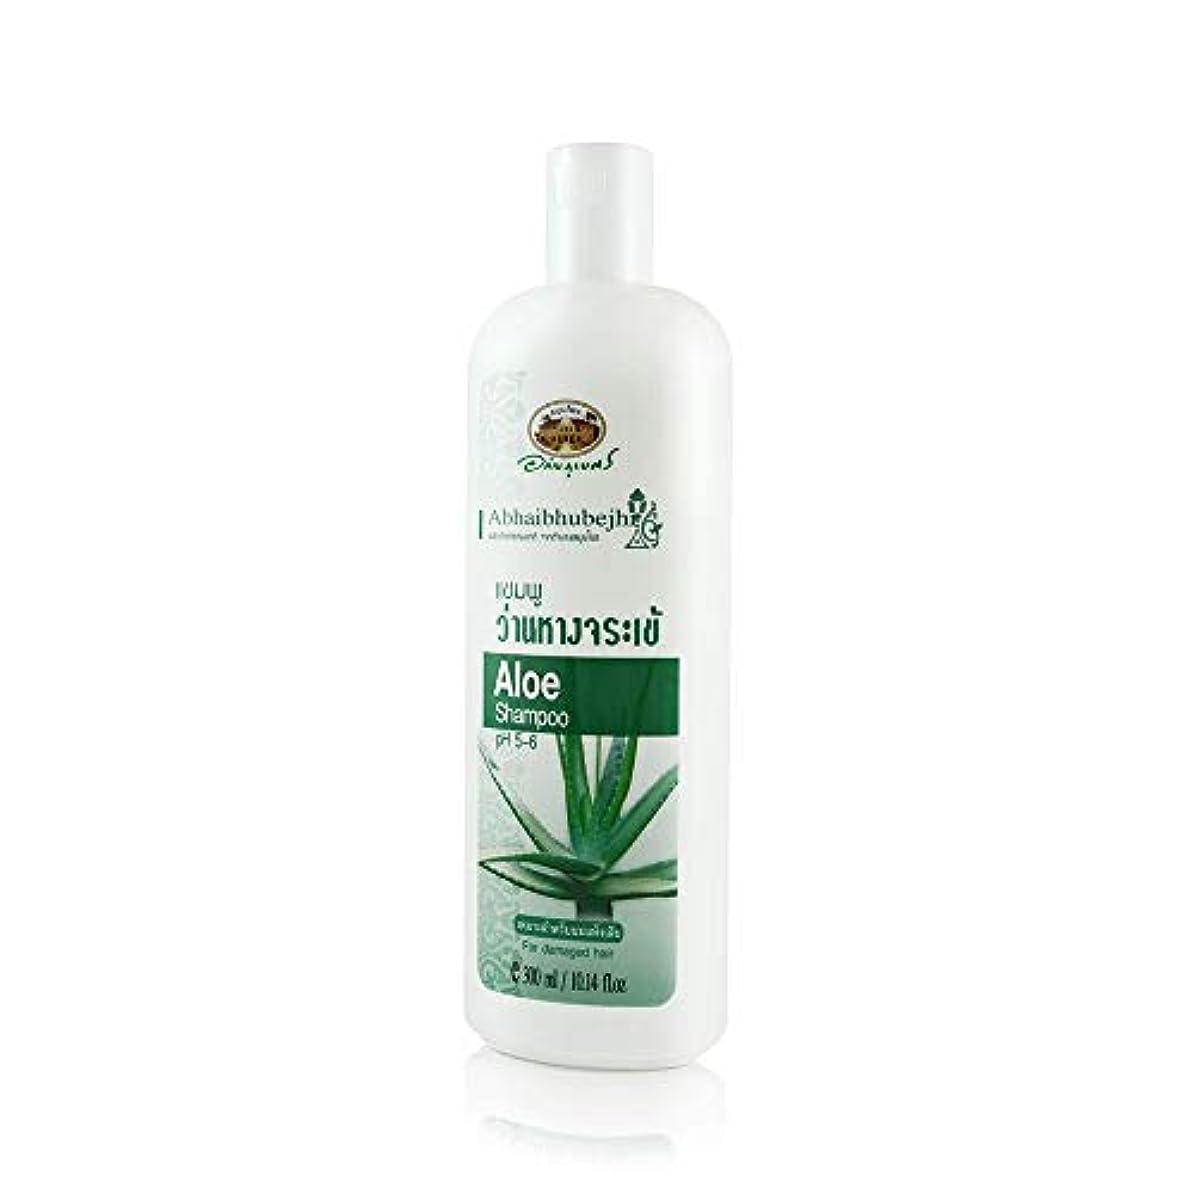 レンズ見落とす金額Abhaibhubejhr Aloe Vera Herbal Shampoo 300ml. Abhaibhubejhrアロエベラハーブシャンプー300ml。